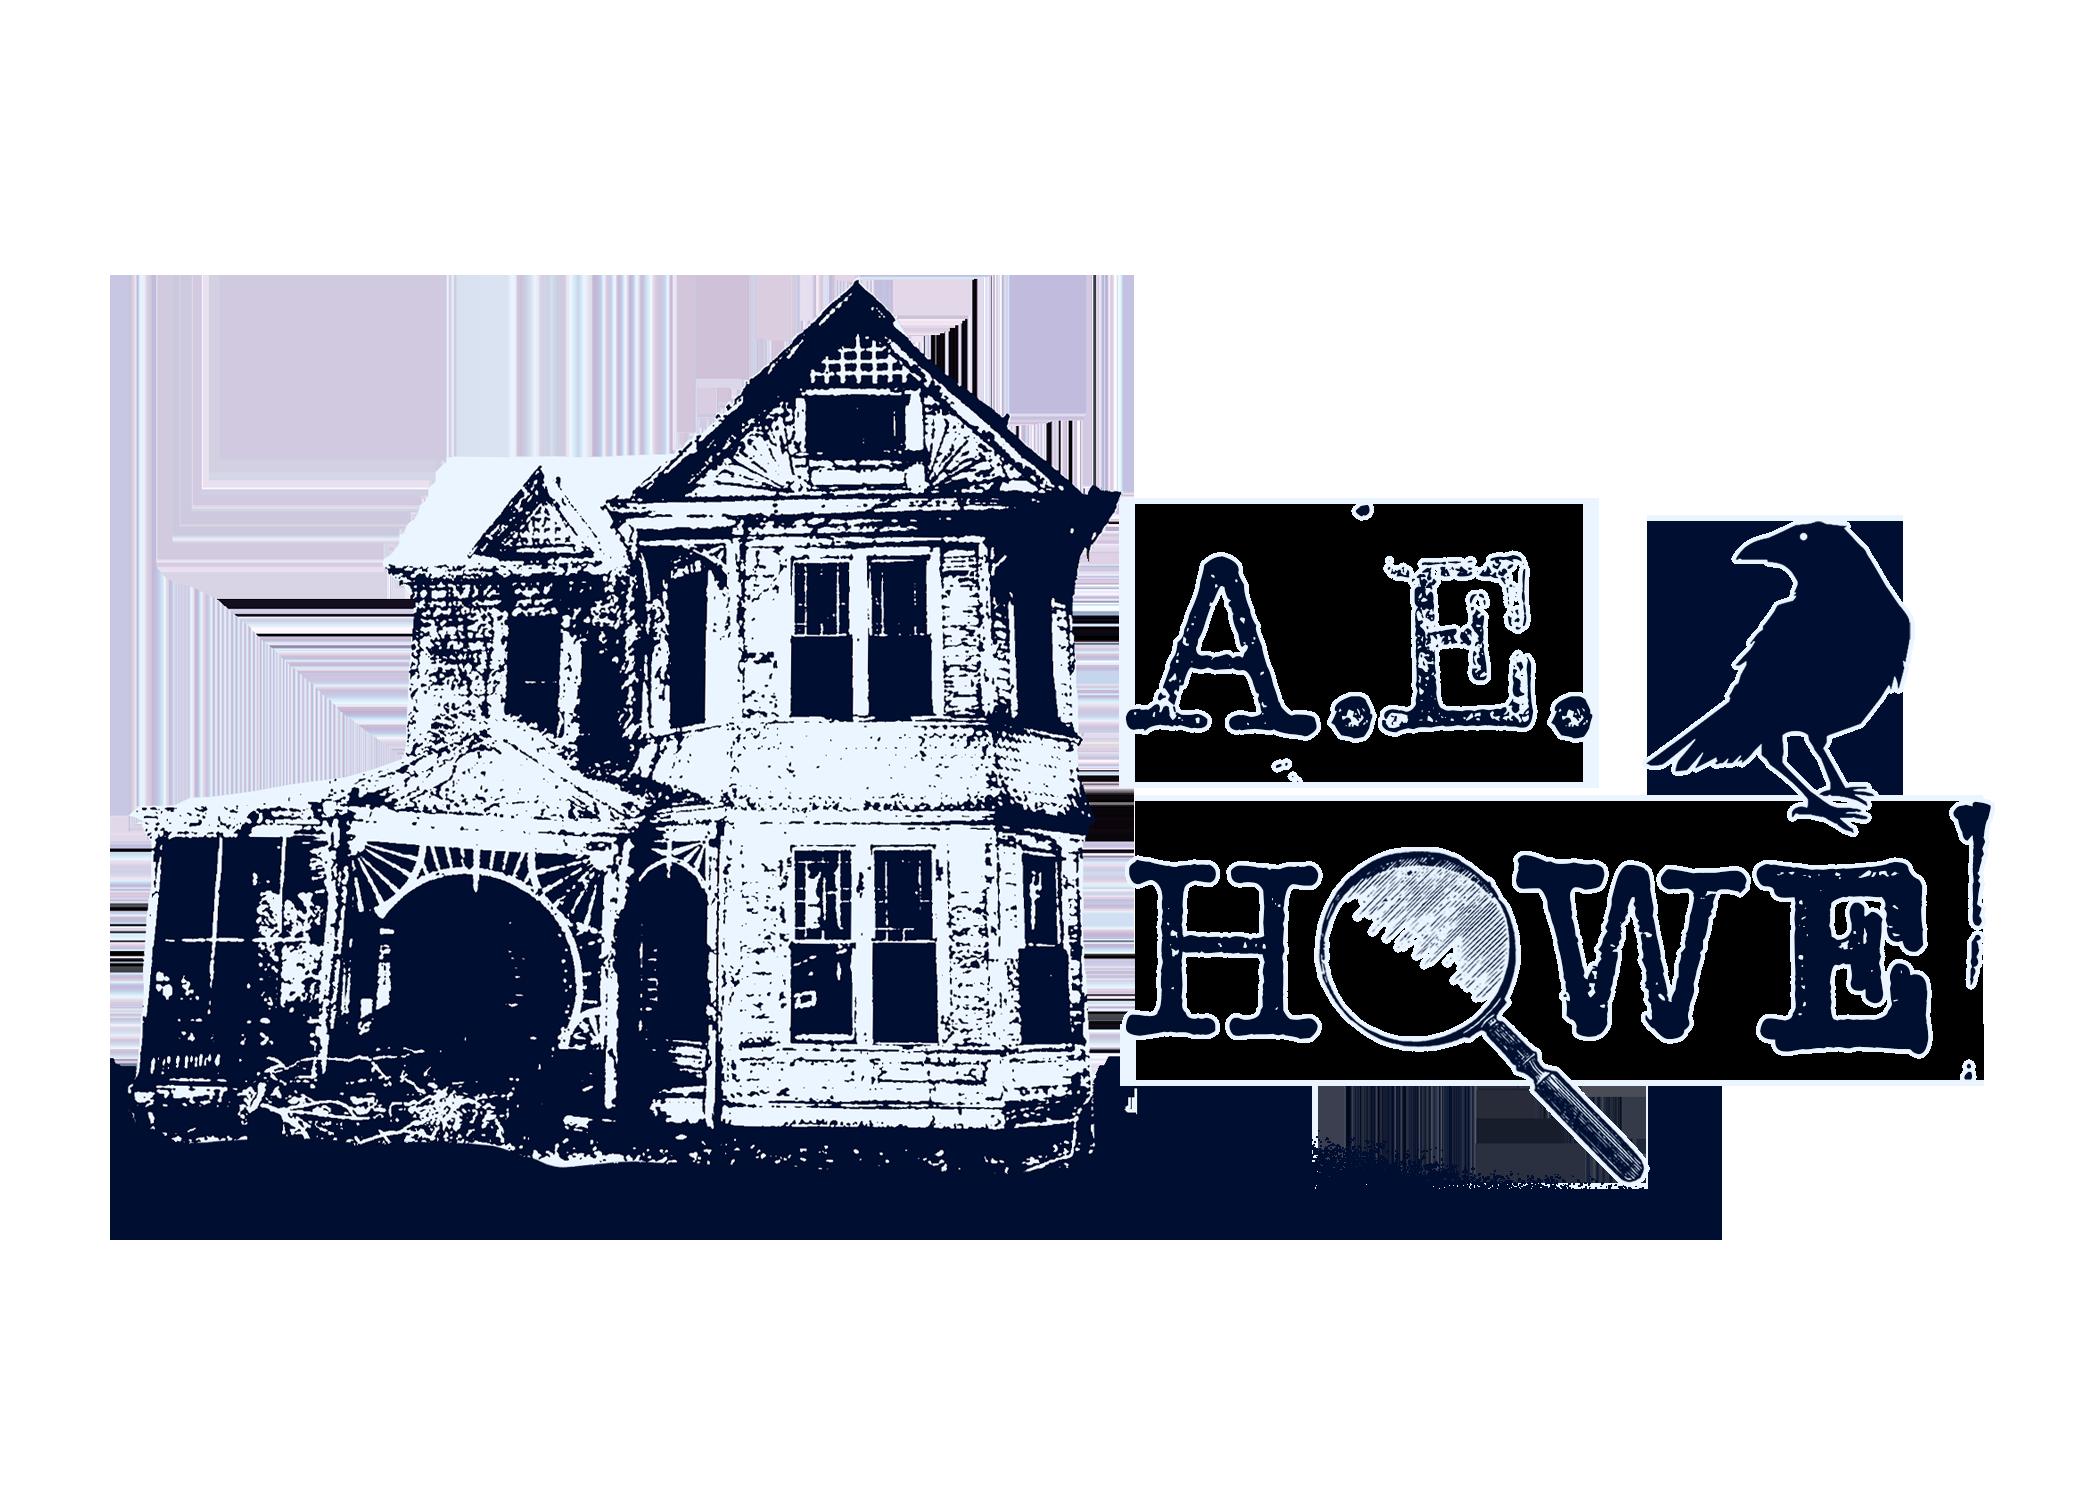 A. E. Howe